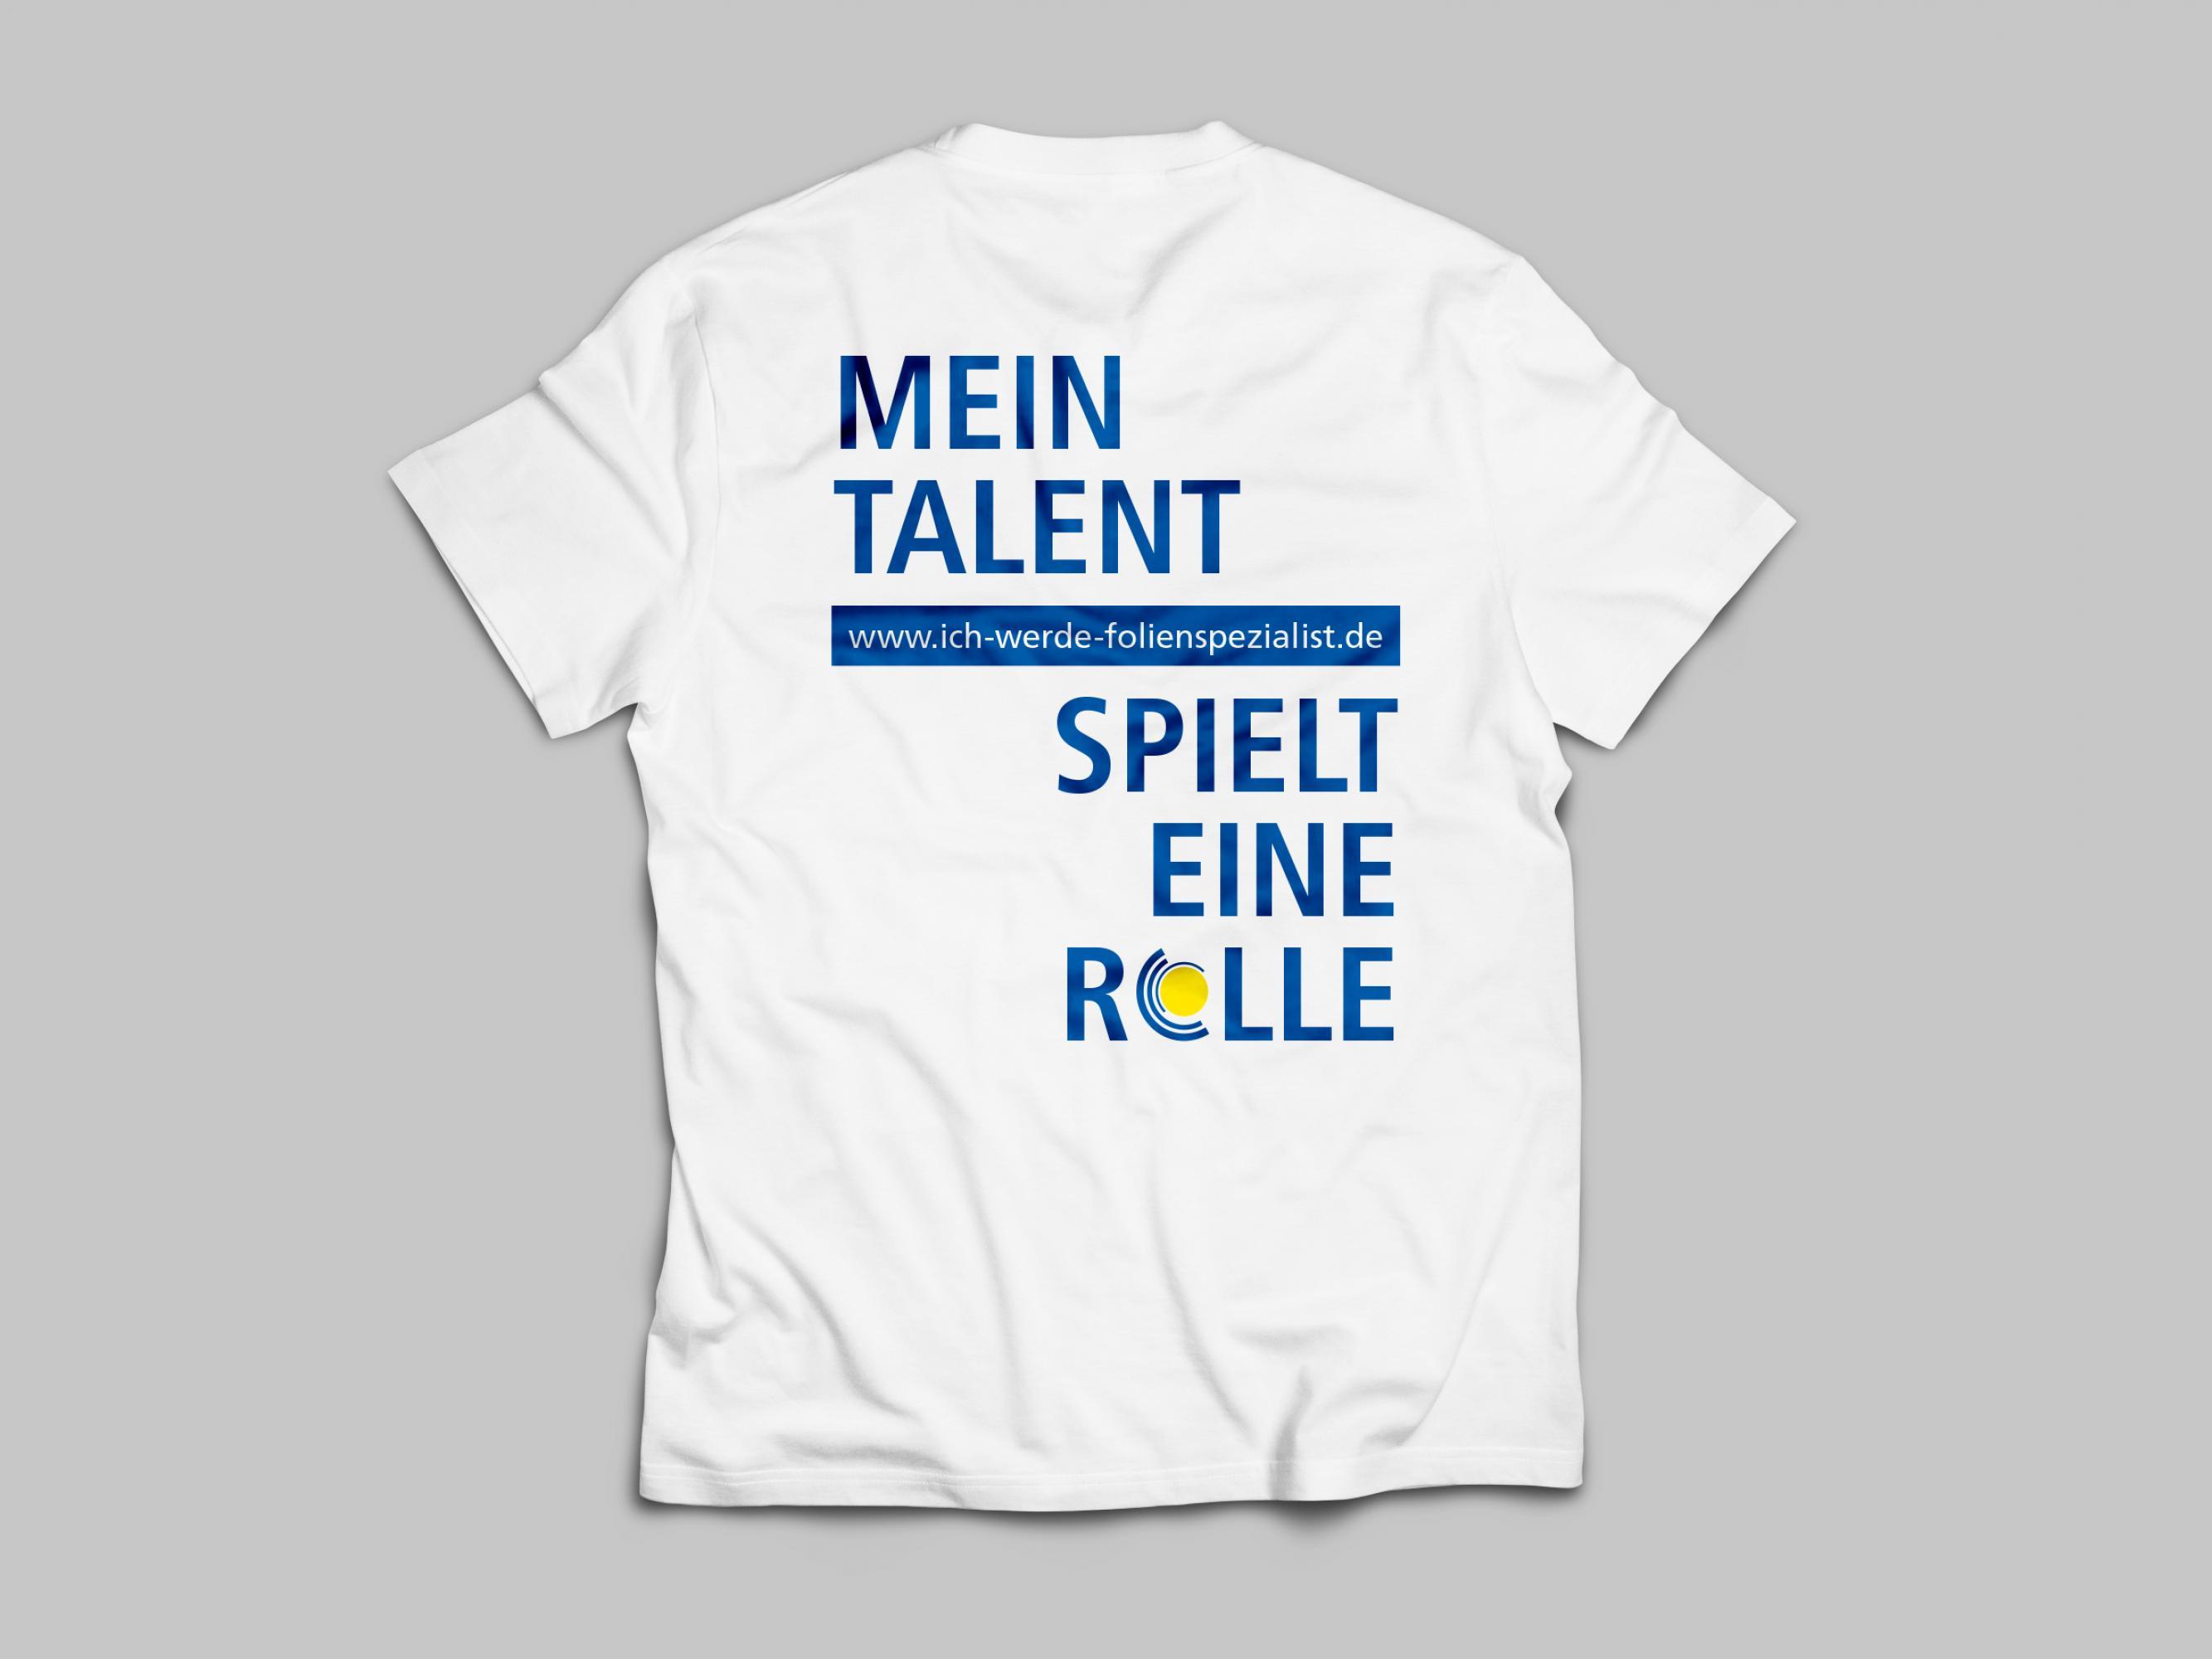 Webdesign-Printdesign-Ausbildungssuche-CorporateDesign-Horn-Bauer-tshirt-back